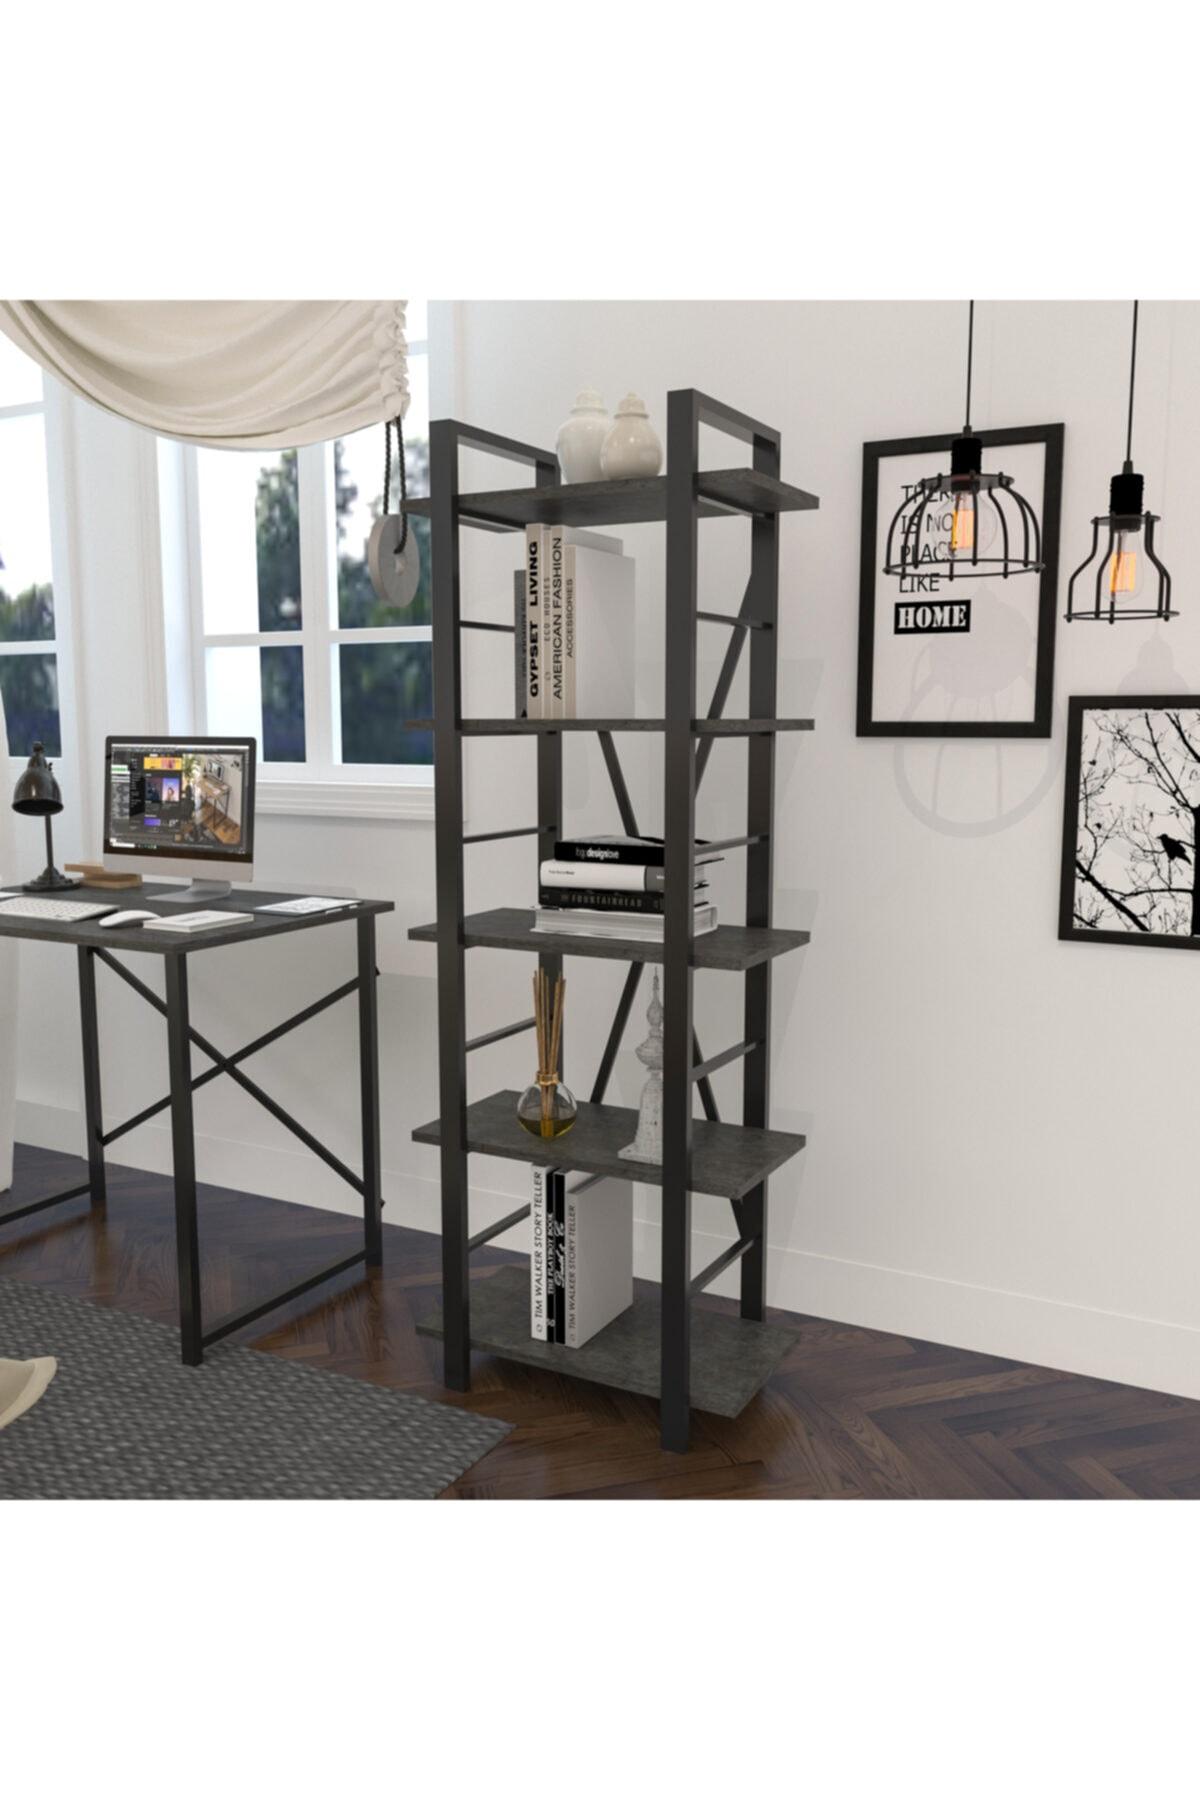 Savran Home Metal Ayaklı 5 Raflı Modern Dekoratif Dosya Kitap Rafı Ofis Ev Rafı 159x60 - Woody Antrasit